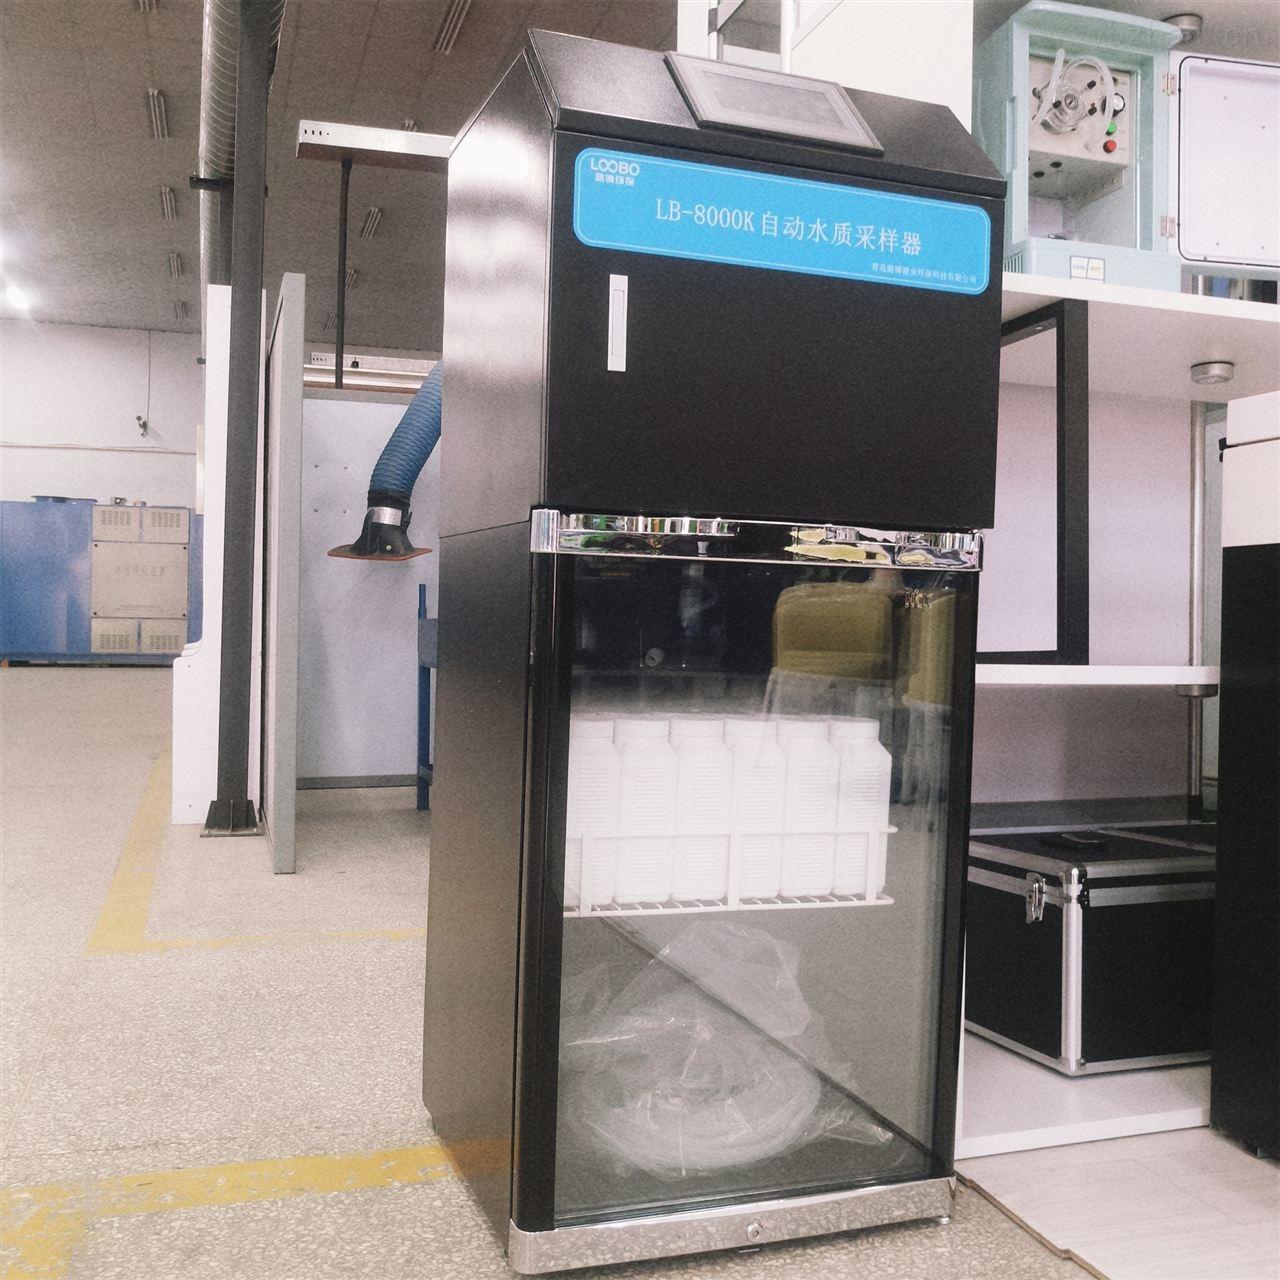 厂家直销 自动排空大屏显示LB-8000K在线水质采样器